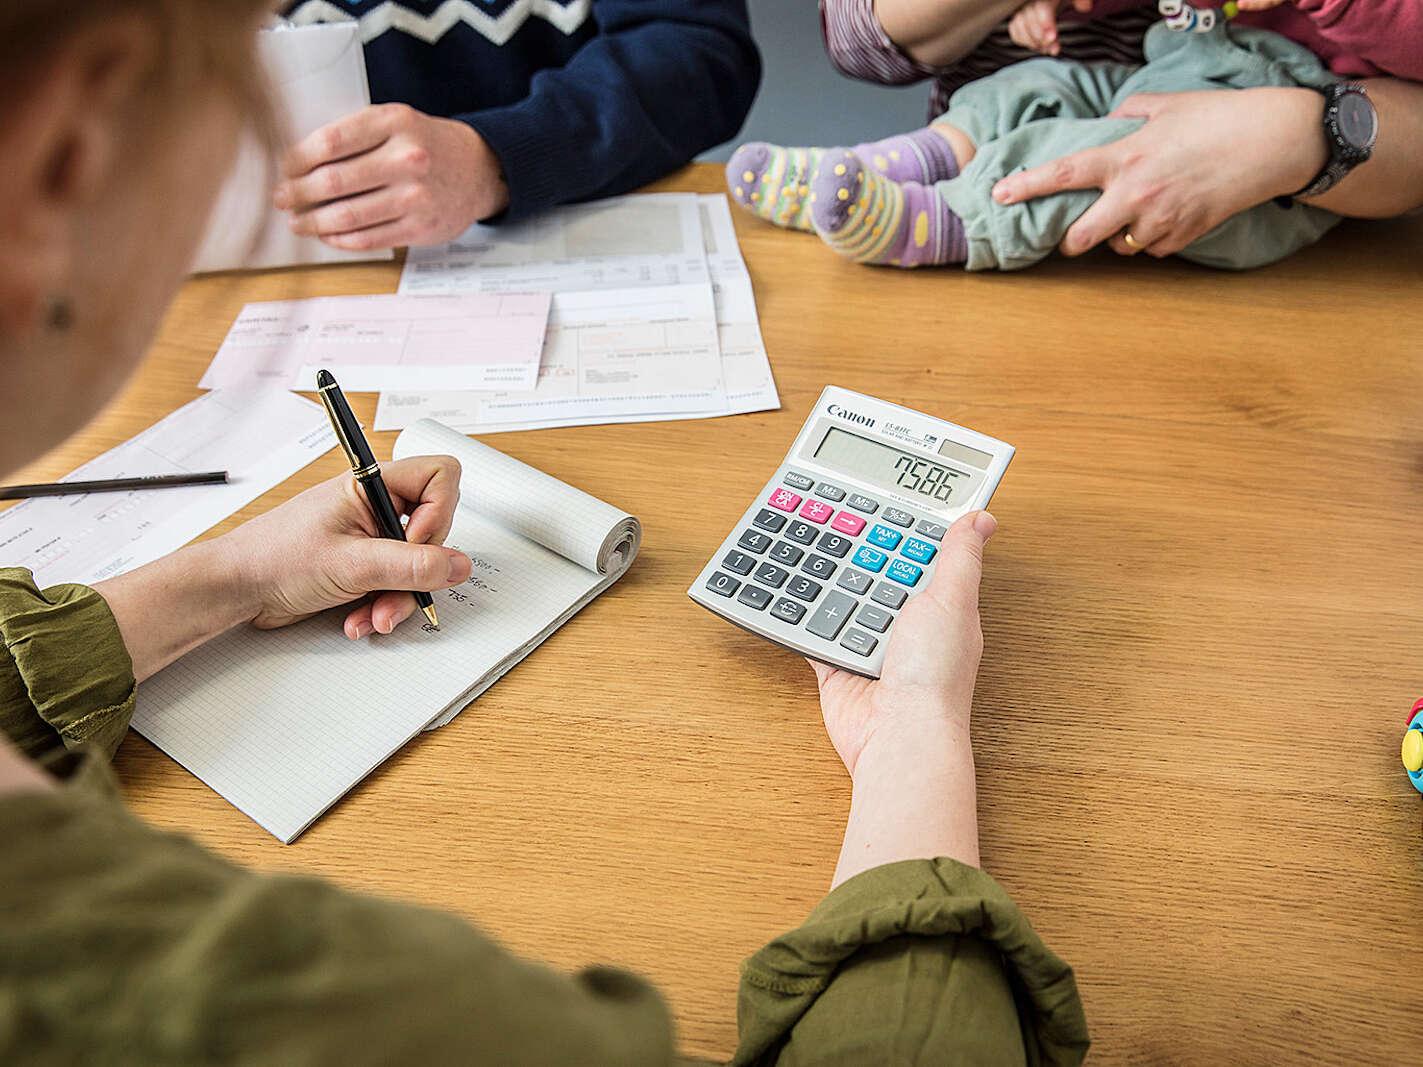 Sozial- und Schuldenberatung: nachhaltige Lösungen finden.</span><span>